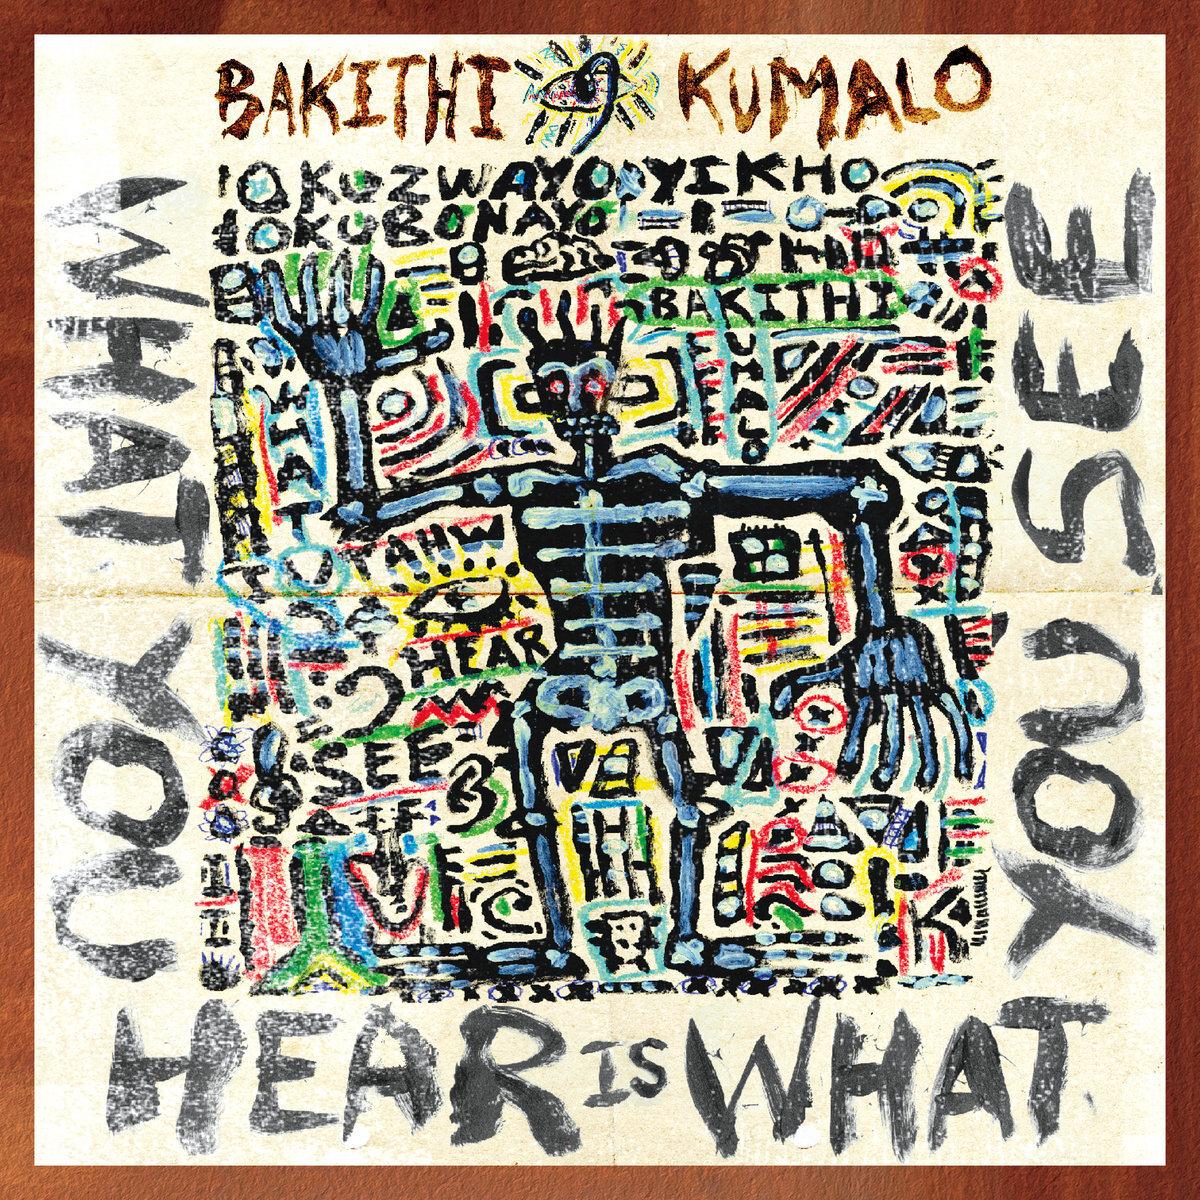 New Music | Bakithi Kumalo